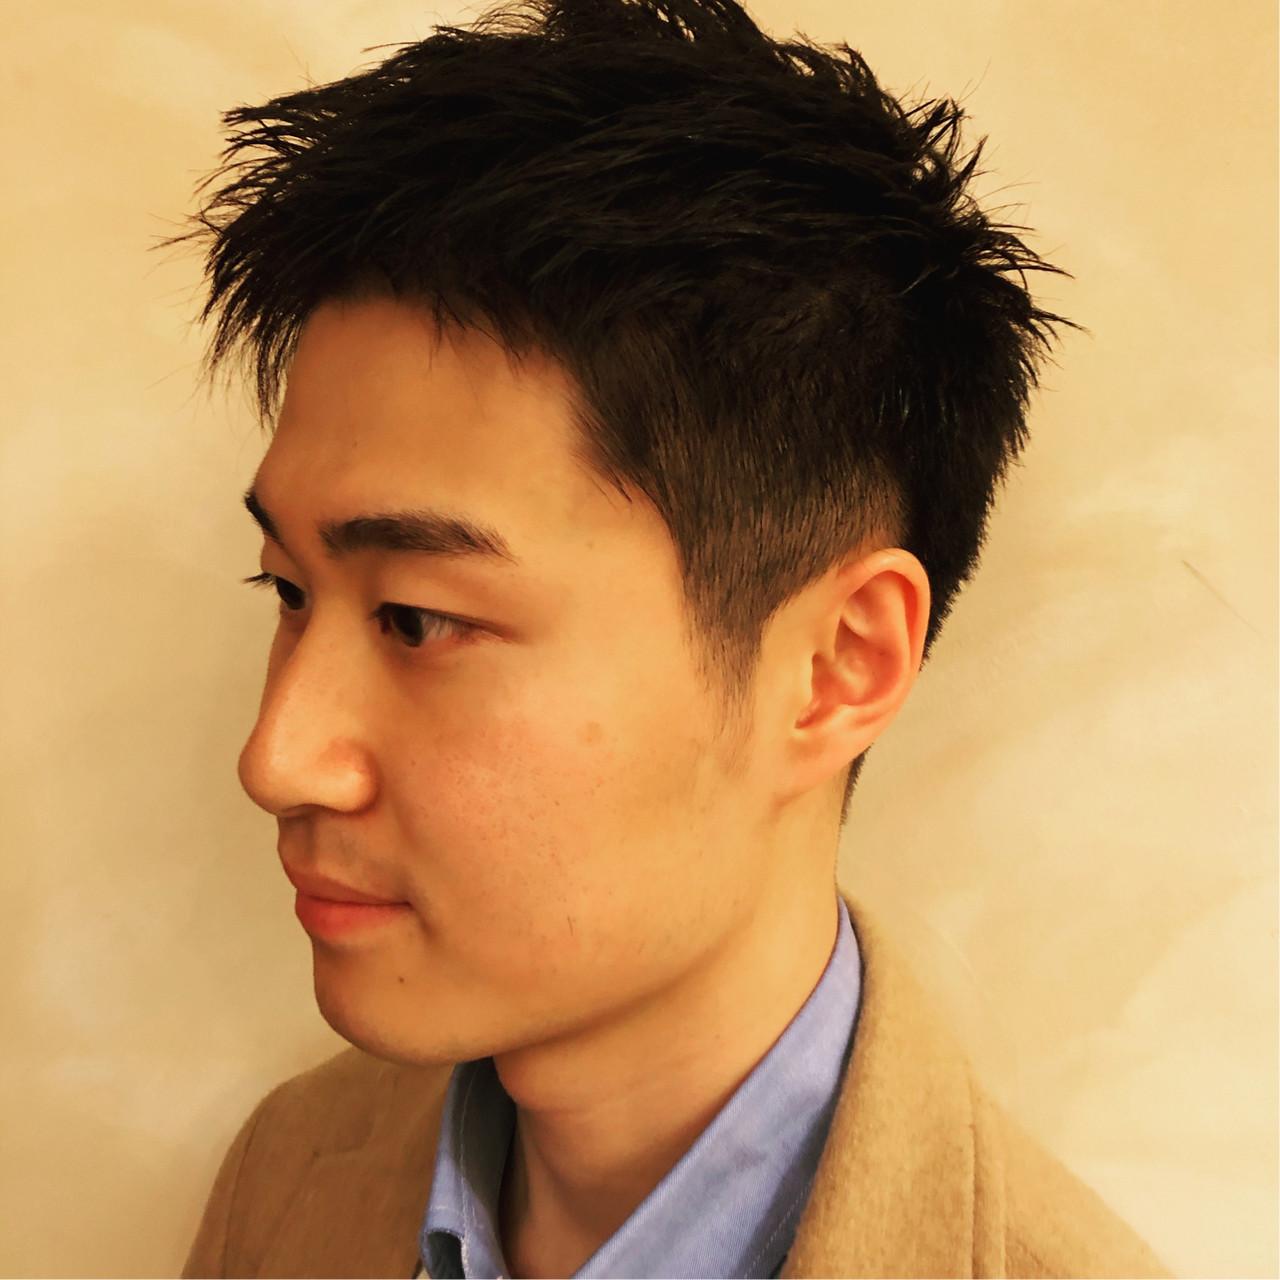 ショート 刈り上げ 黒髪 メンズ ヘアスタイルや髪型の写真・画像 | 勝永 智基 / BEAUTRIUM  265